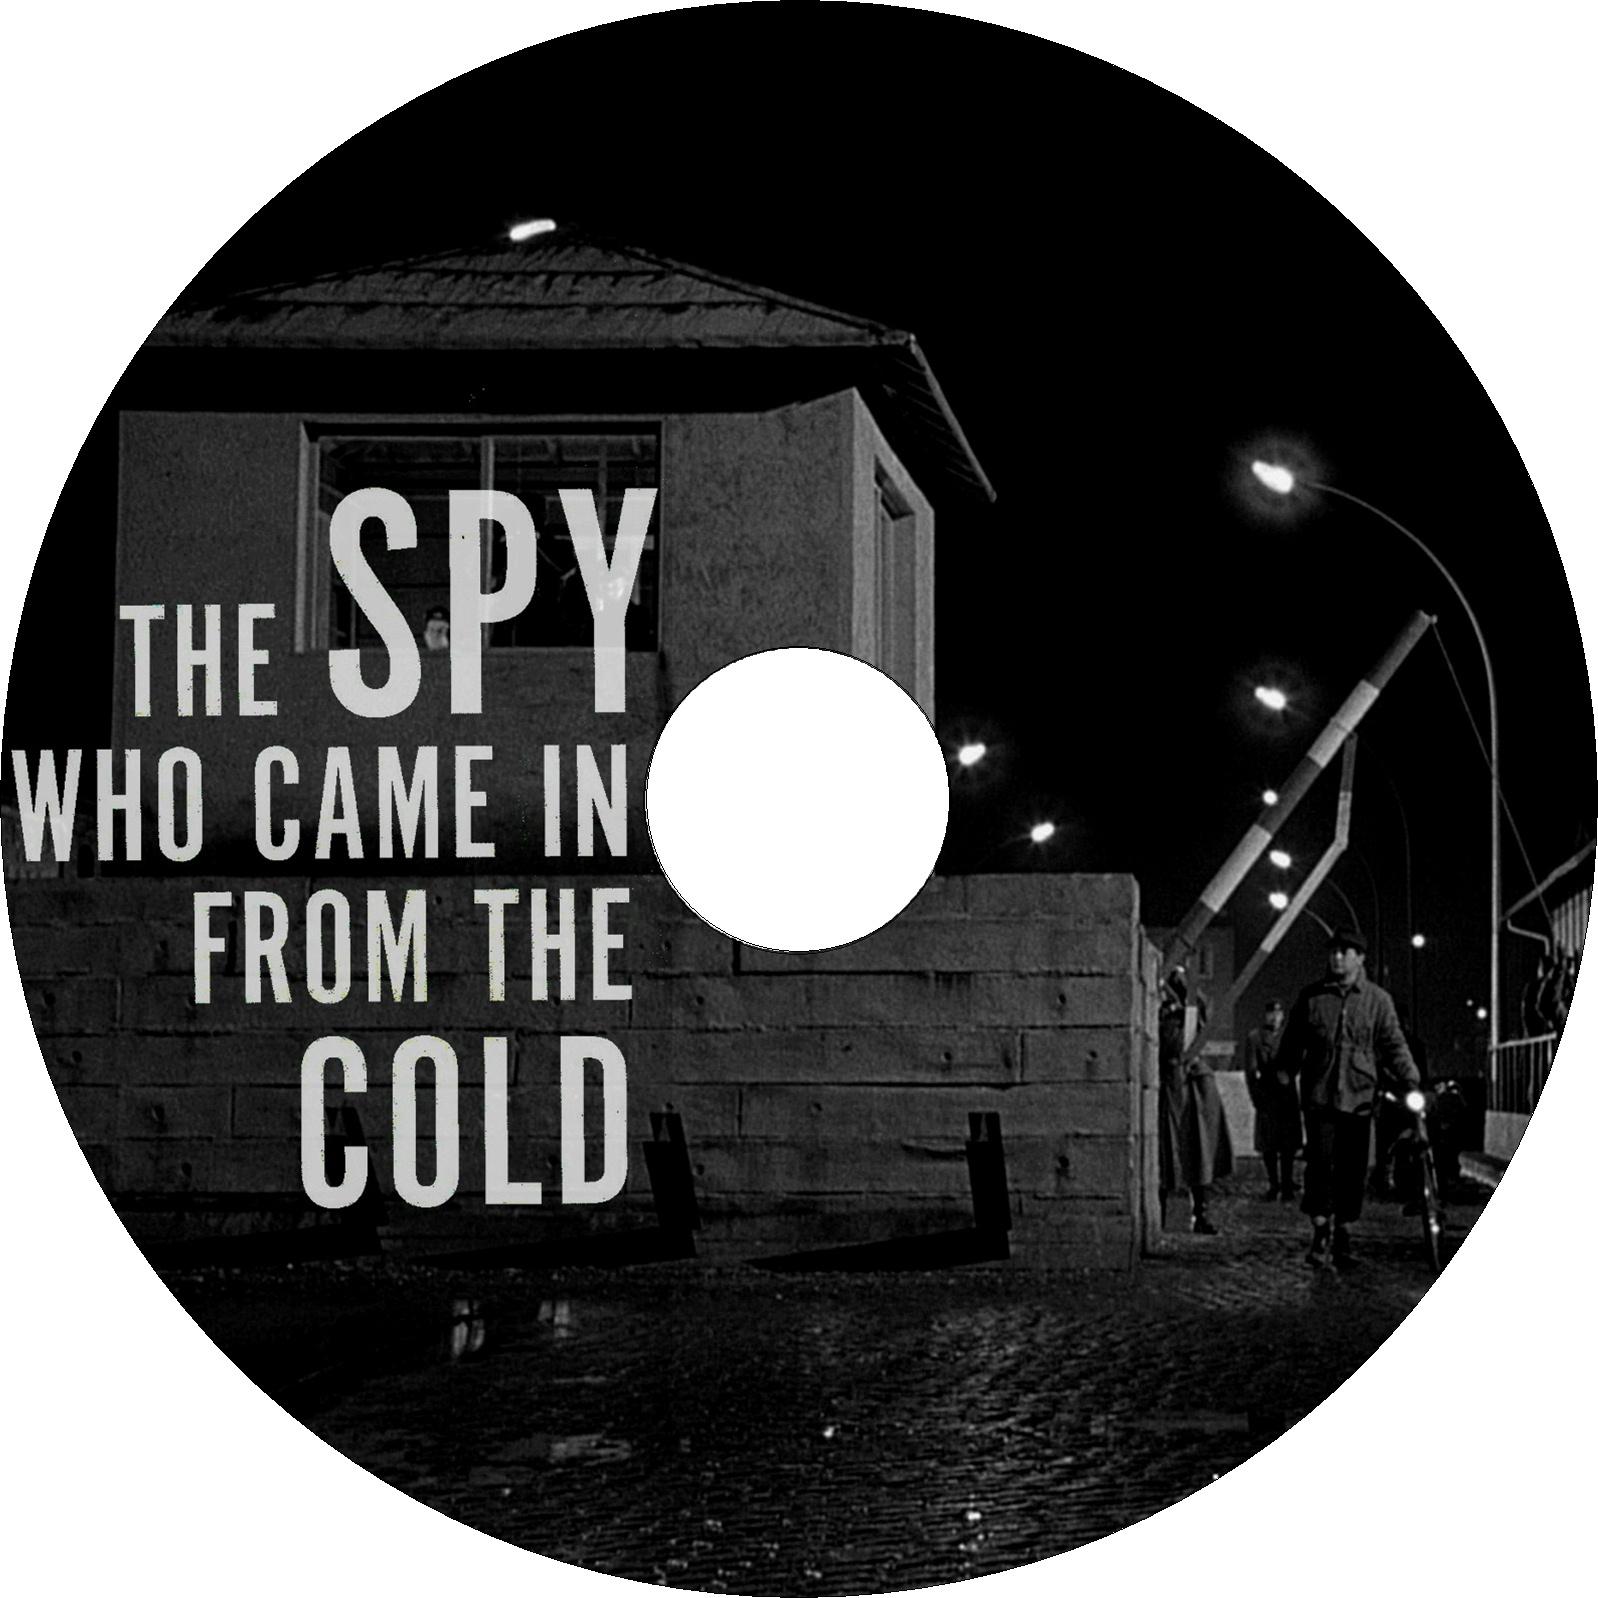 寒い国から帰ったスパイ ラベル